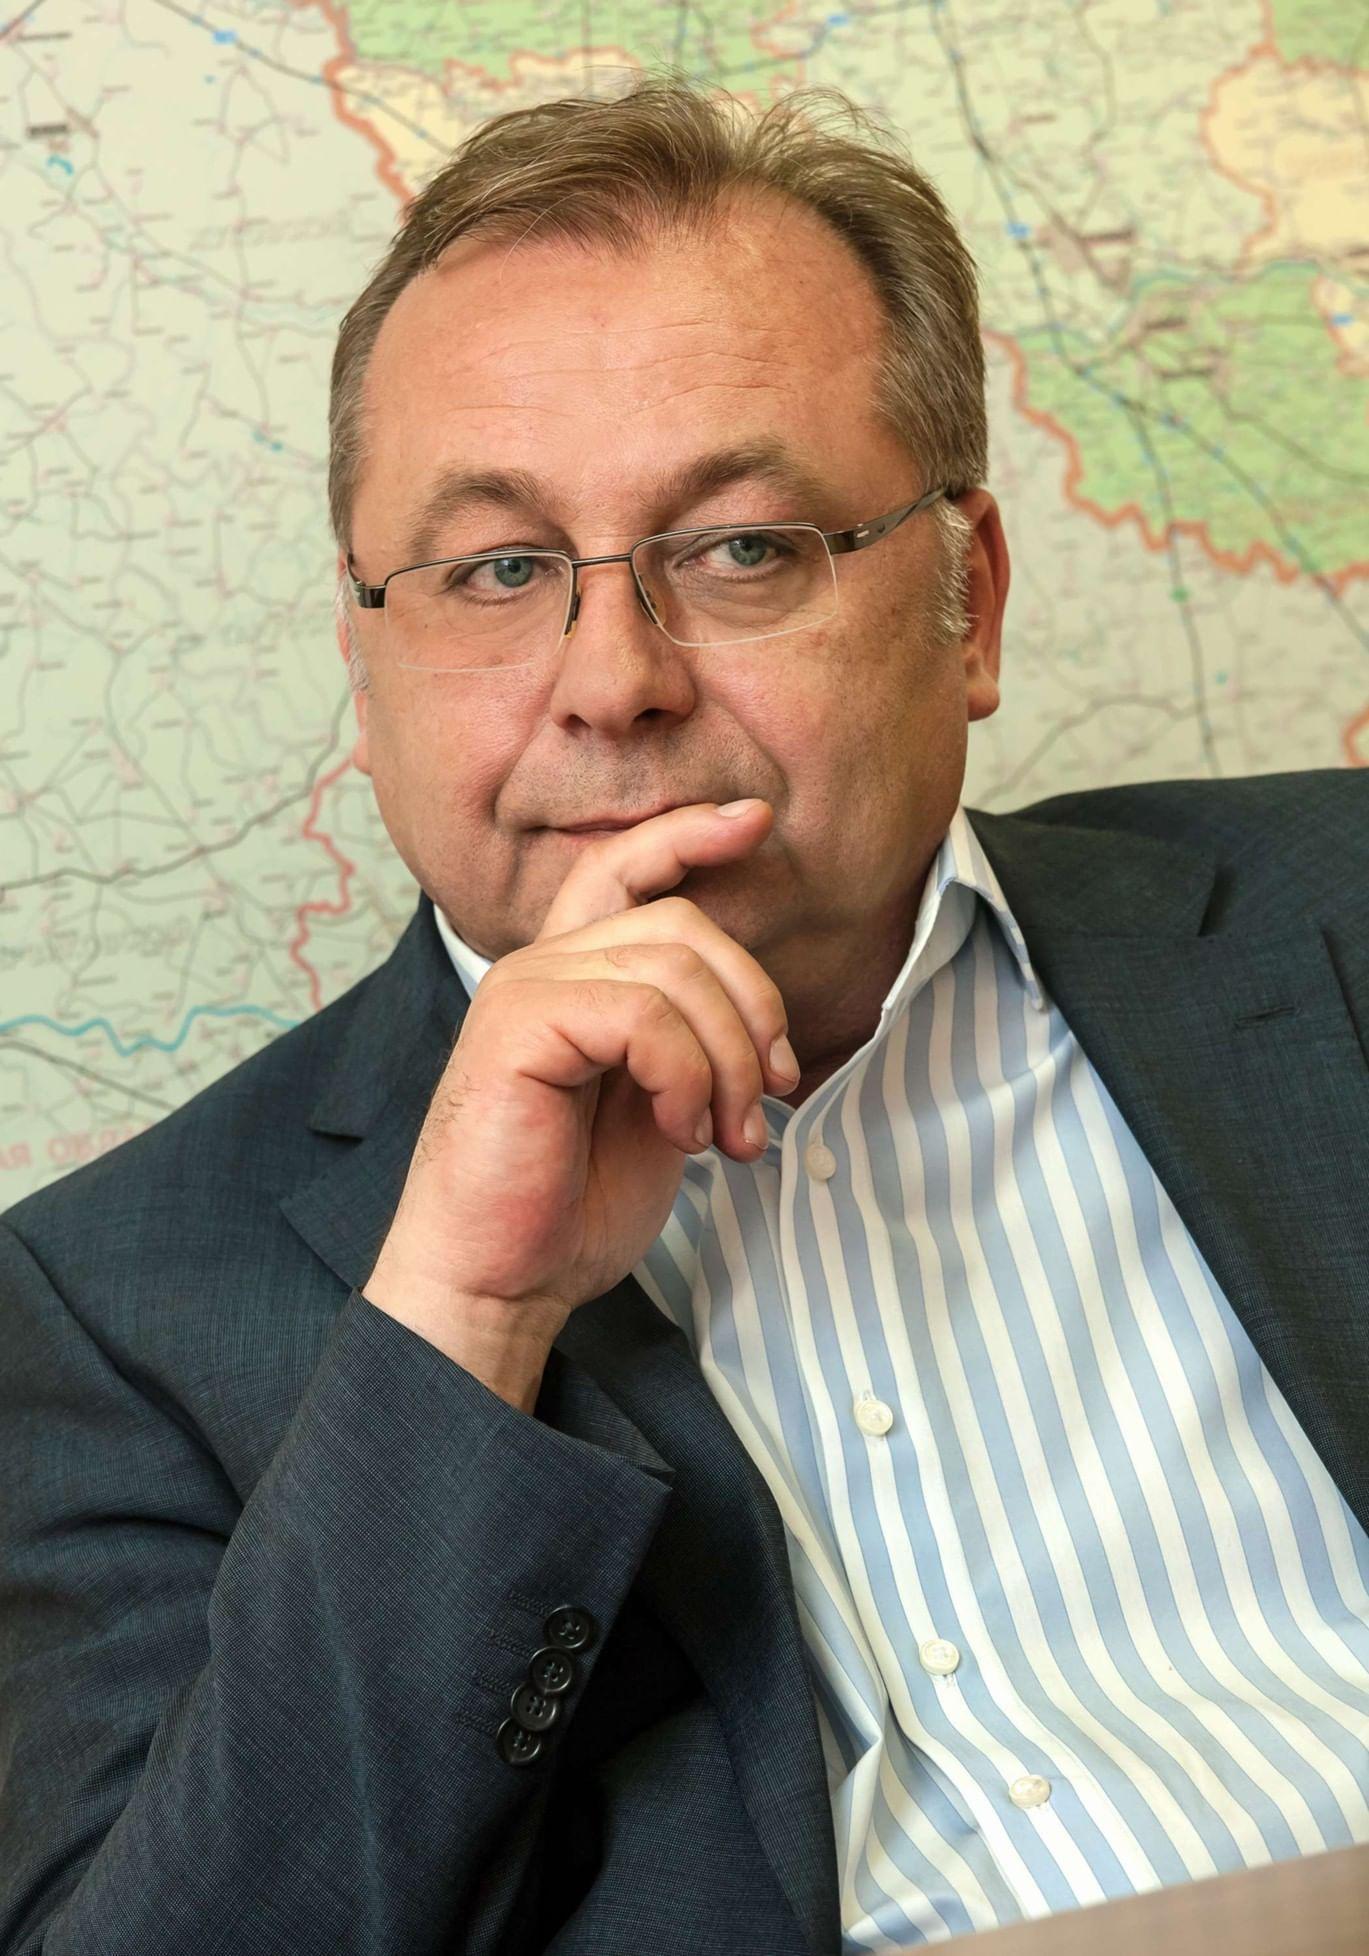 Николай Азаров: «Профессия дирижёра – сложная, но приятная». Галерея 1